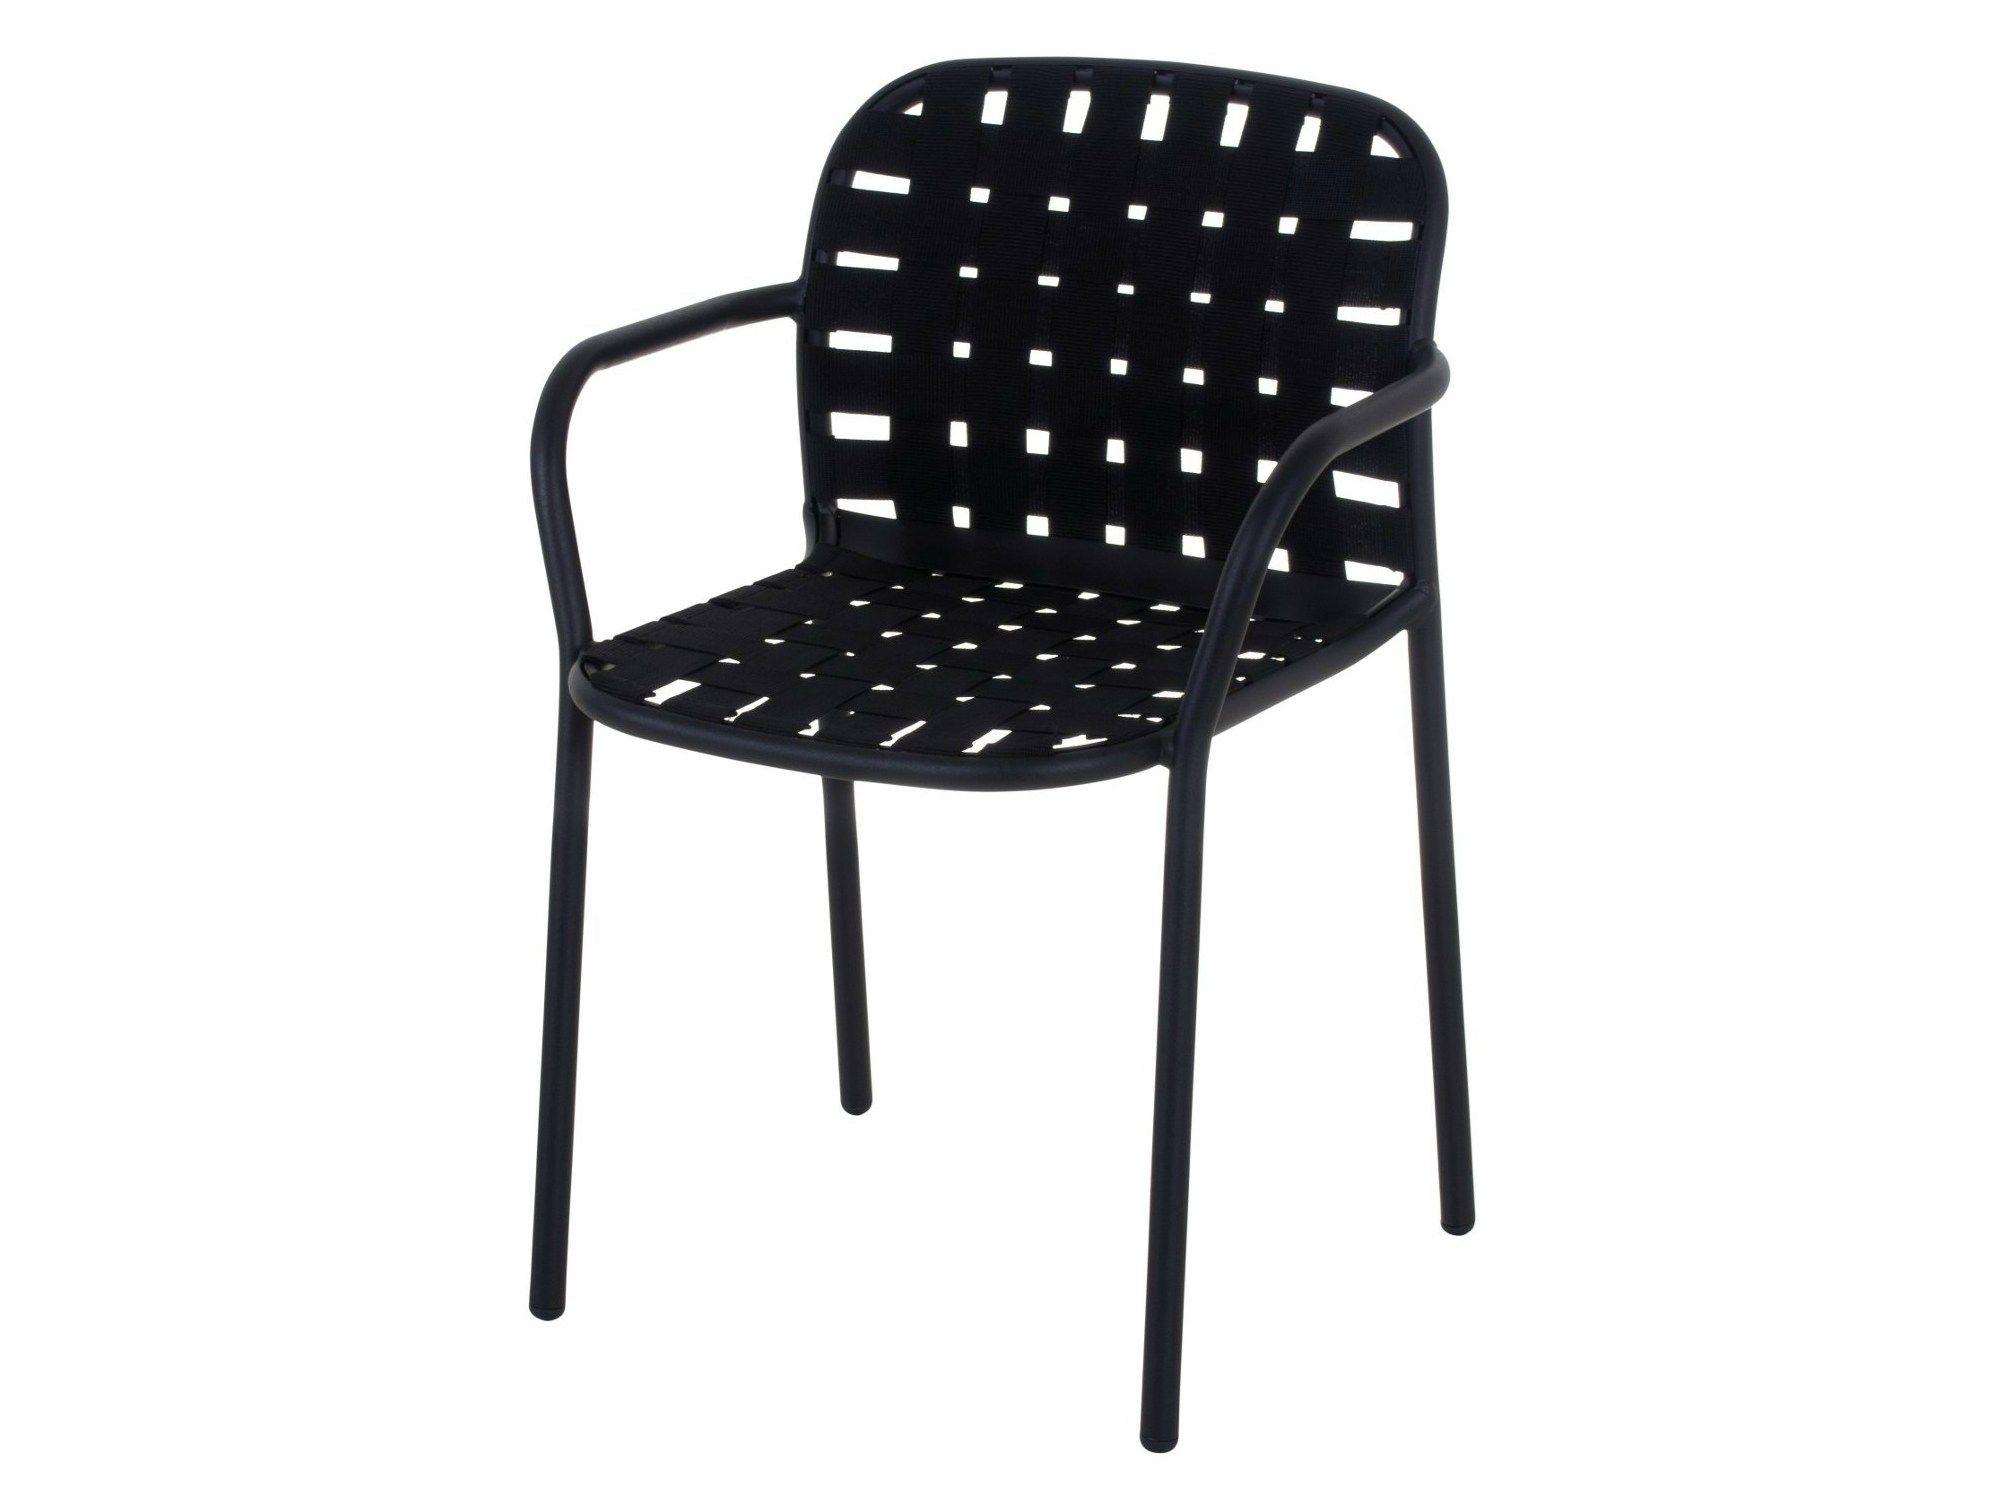 yard chair with armrests by emu group design stefan diez. Black Bedroom Furniture Sets. Home Design Ideas